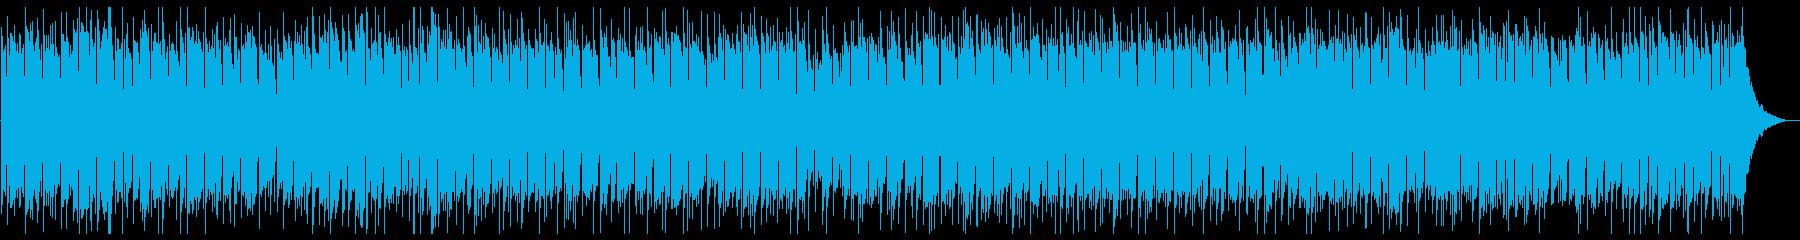 軽快なポップBGMの再生済みの波形